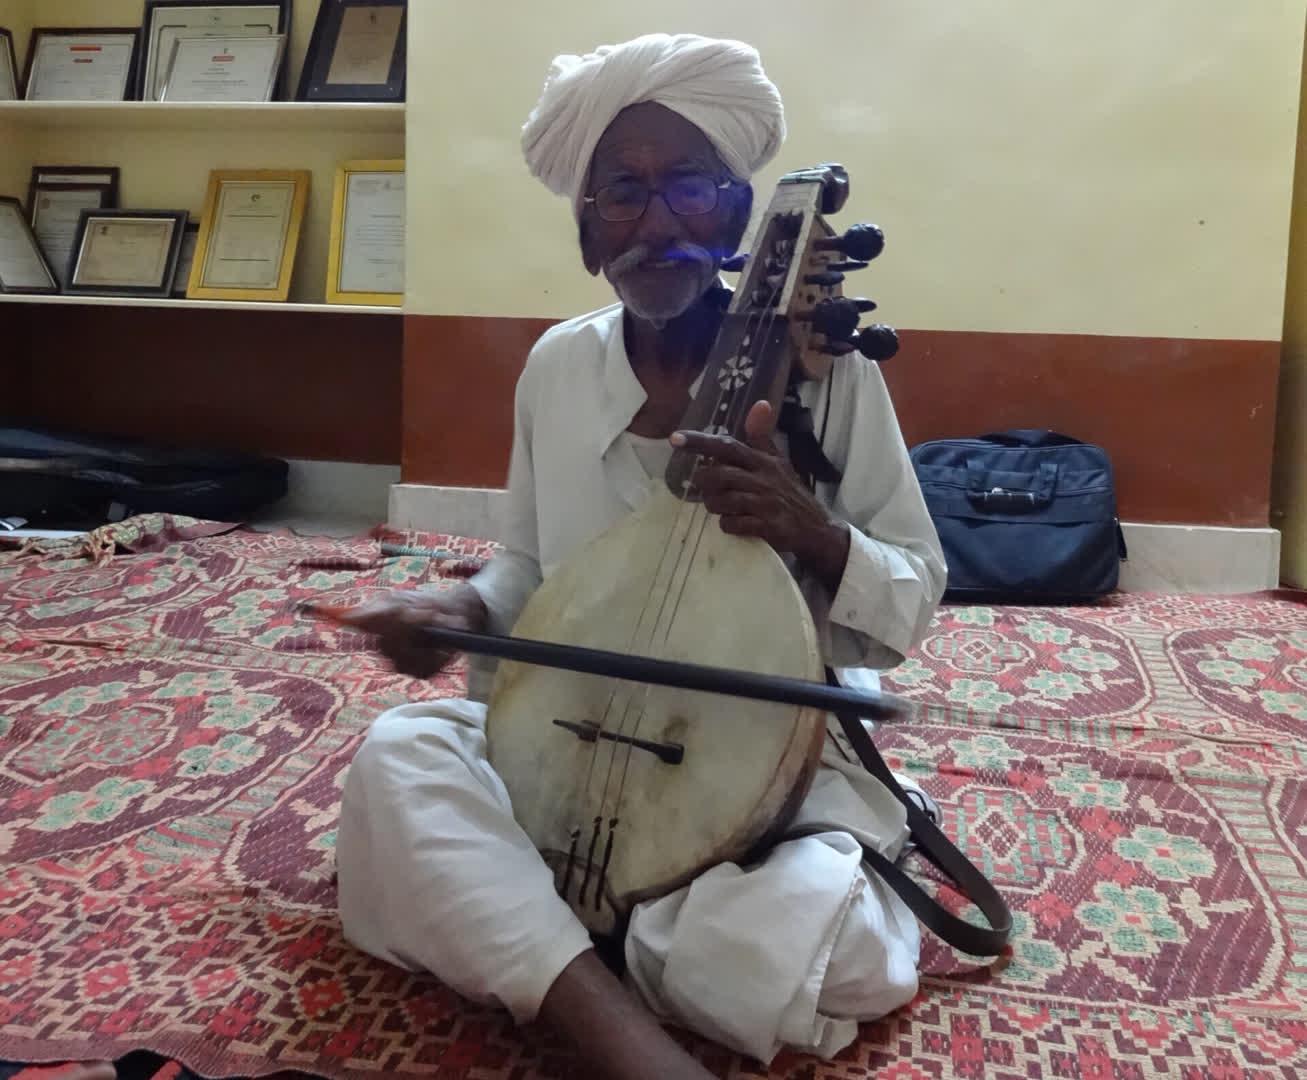 Late Sakar Khan, the senior most kamaicha player